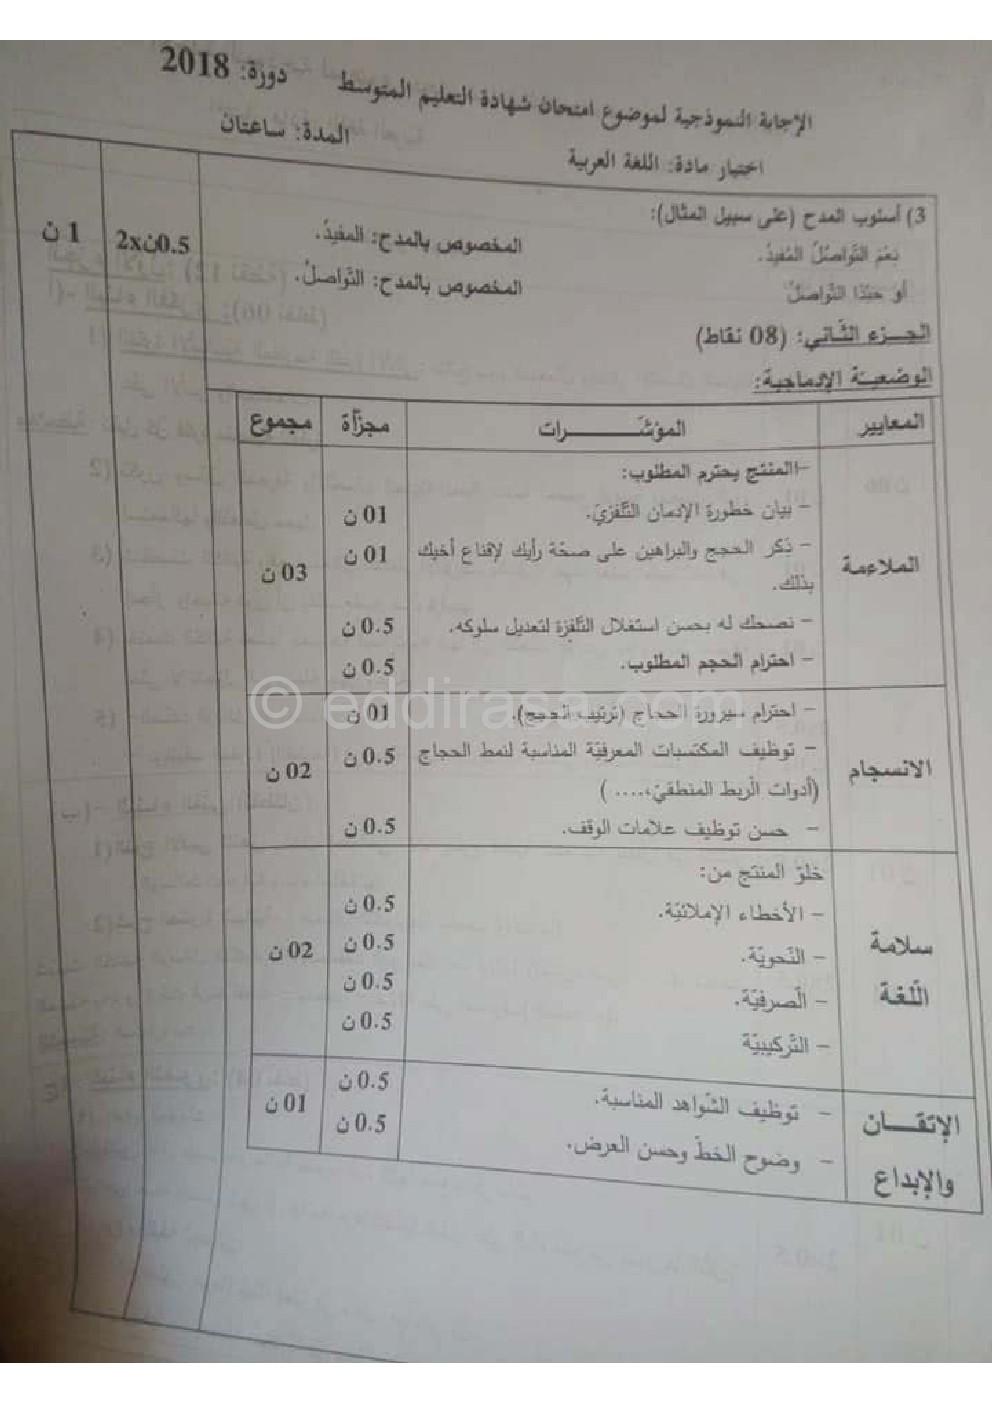 امتحان شهادة تعليم المتوسط اللغة العربية 2018 0002-2